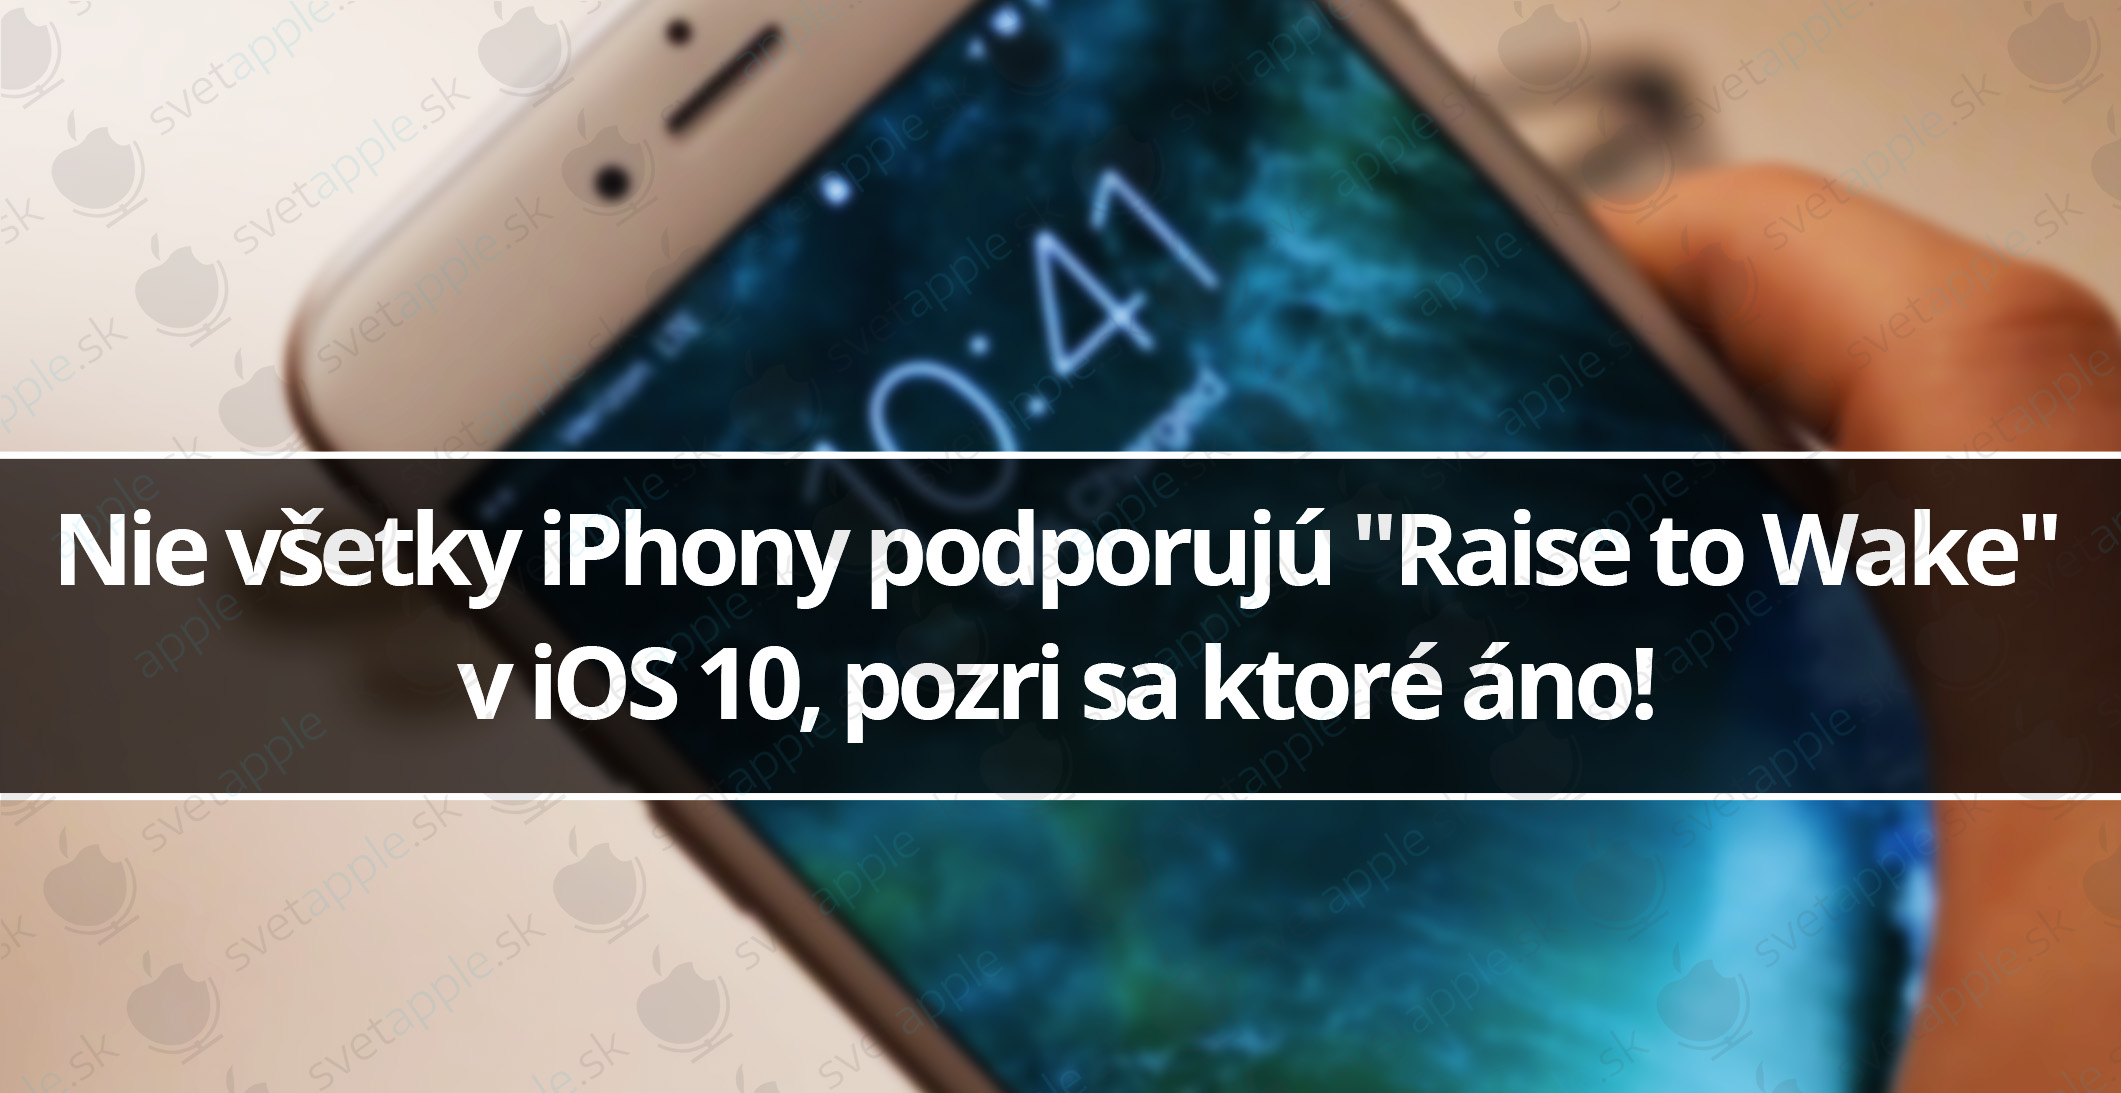 Nie všetky iPhony podporujú Raise to Wake v iOS 10 pozri sa ktoré áno